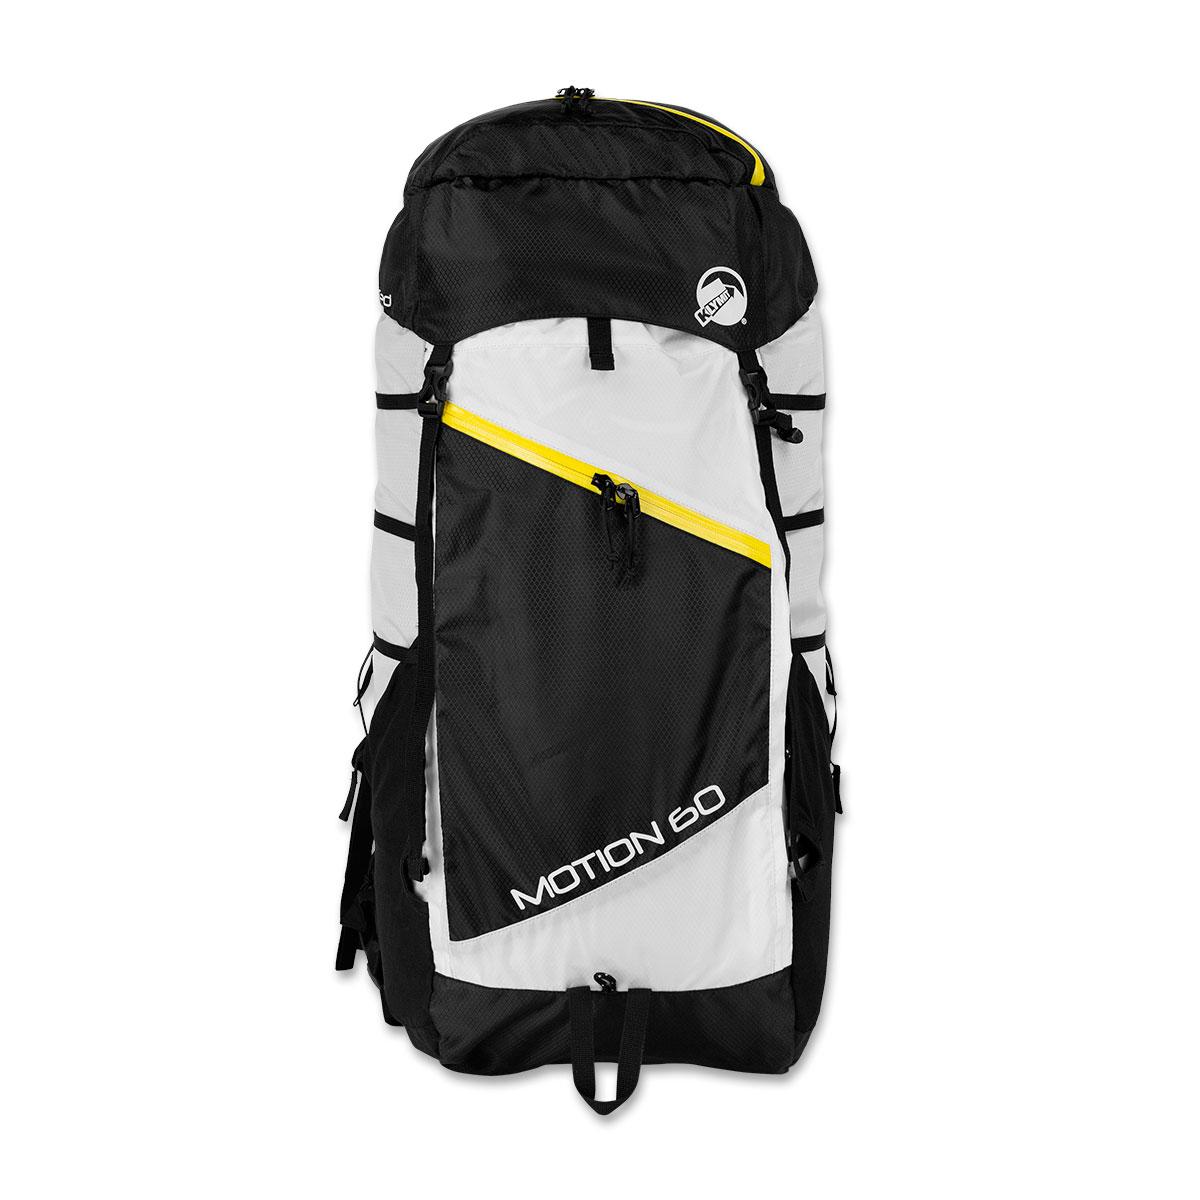 Туристический рюкзак MOTION 60, черно-белый (12MSWh60D)